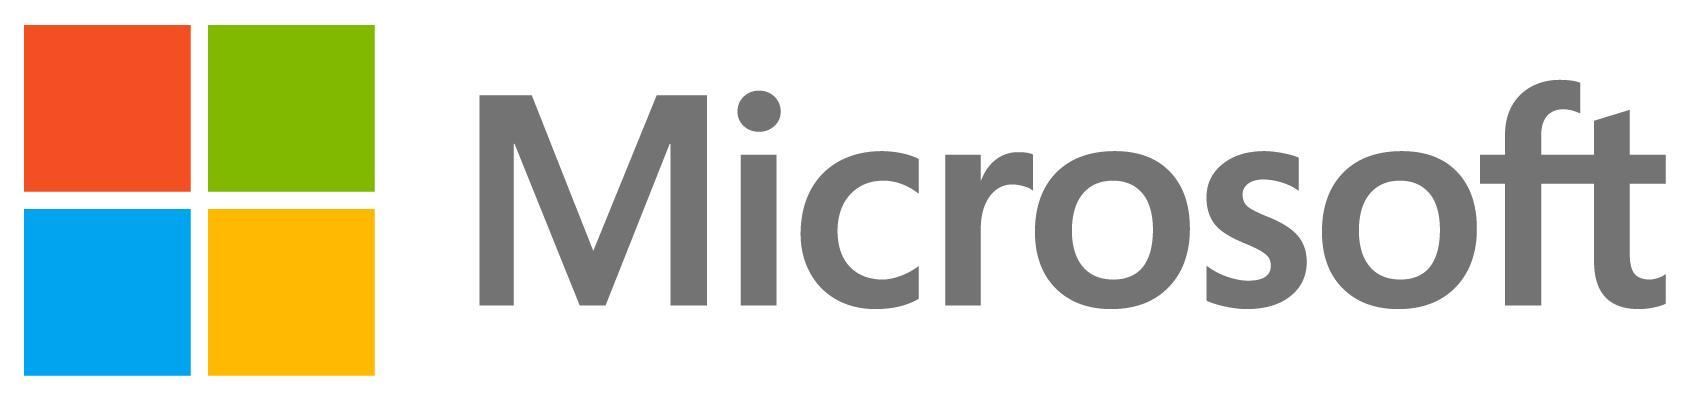 Возможно ли объединить системы Xbox и ПК в одну систему?